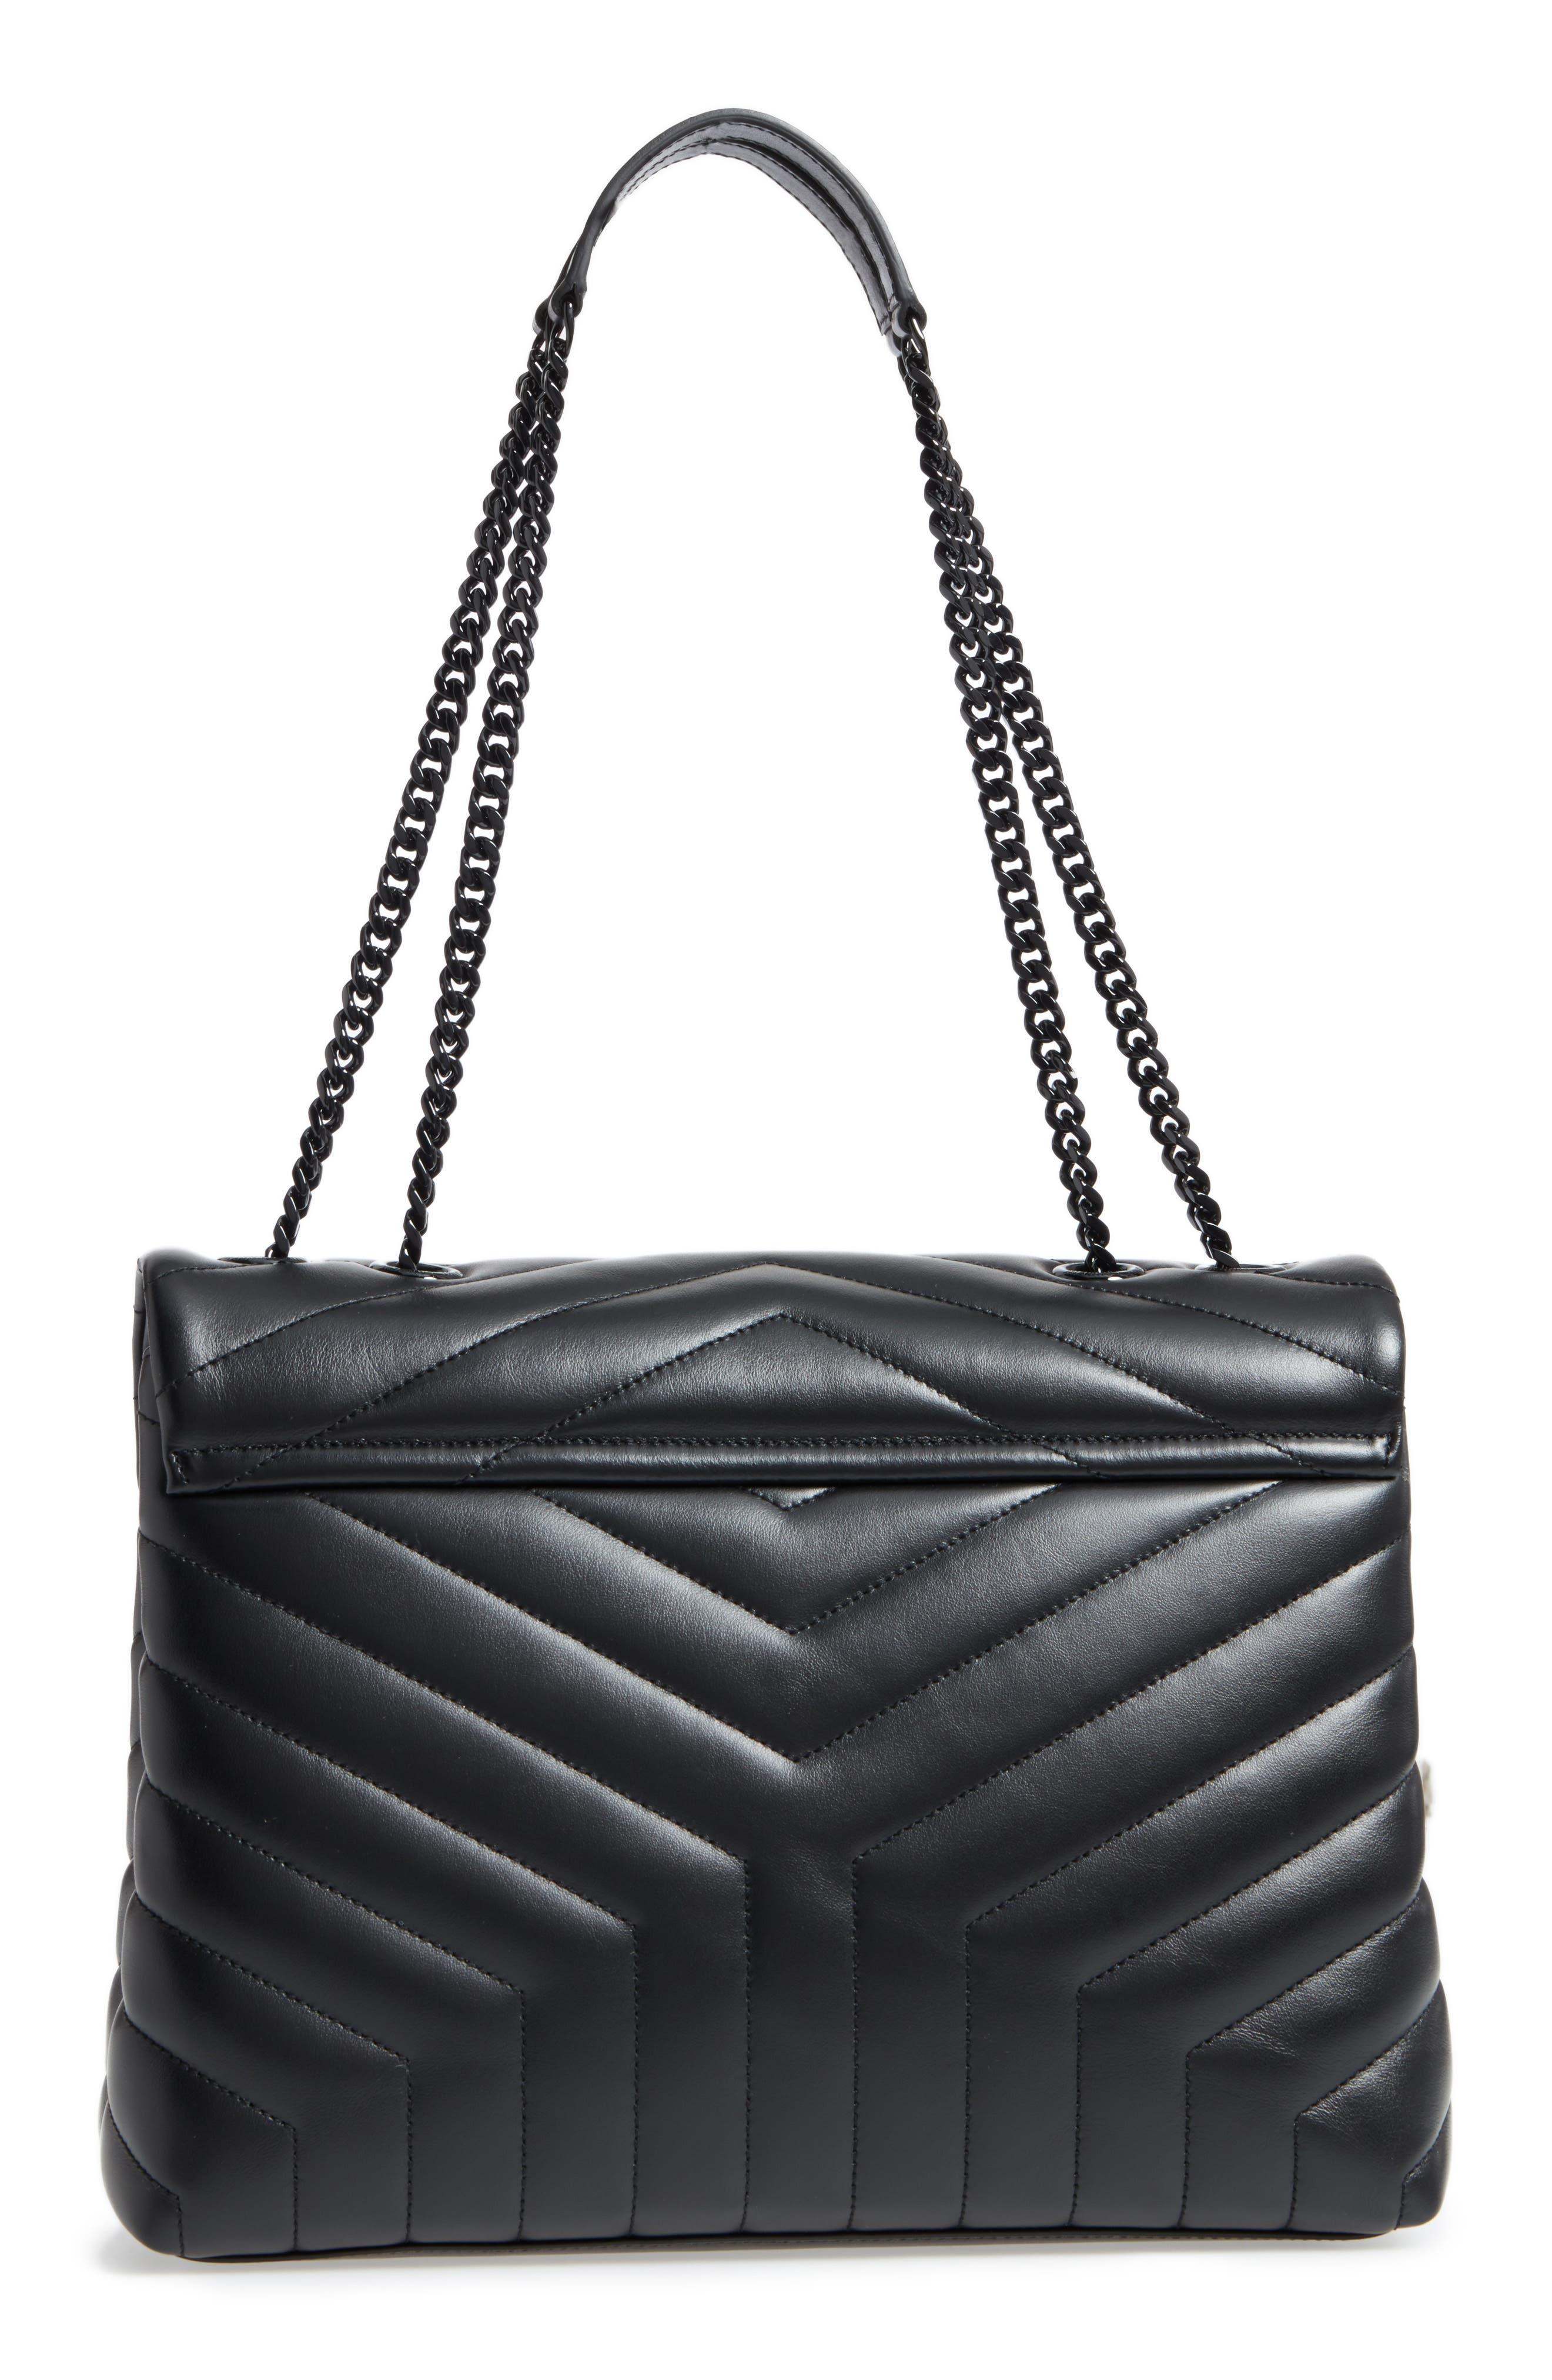 Medium Loulou Matelassé Leather Shoulder Bag,                             Alternate thumbnail 3, color,                             Noir